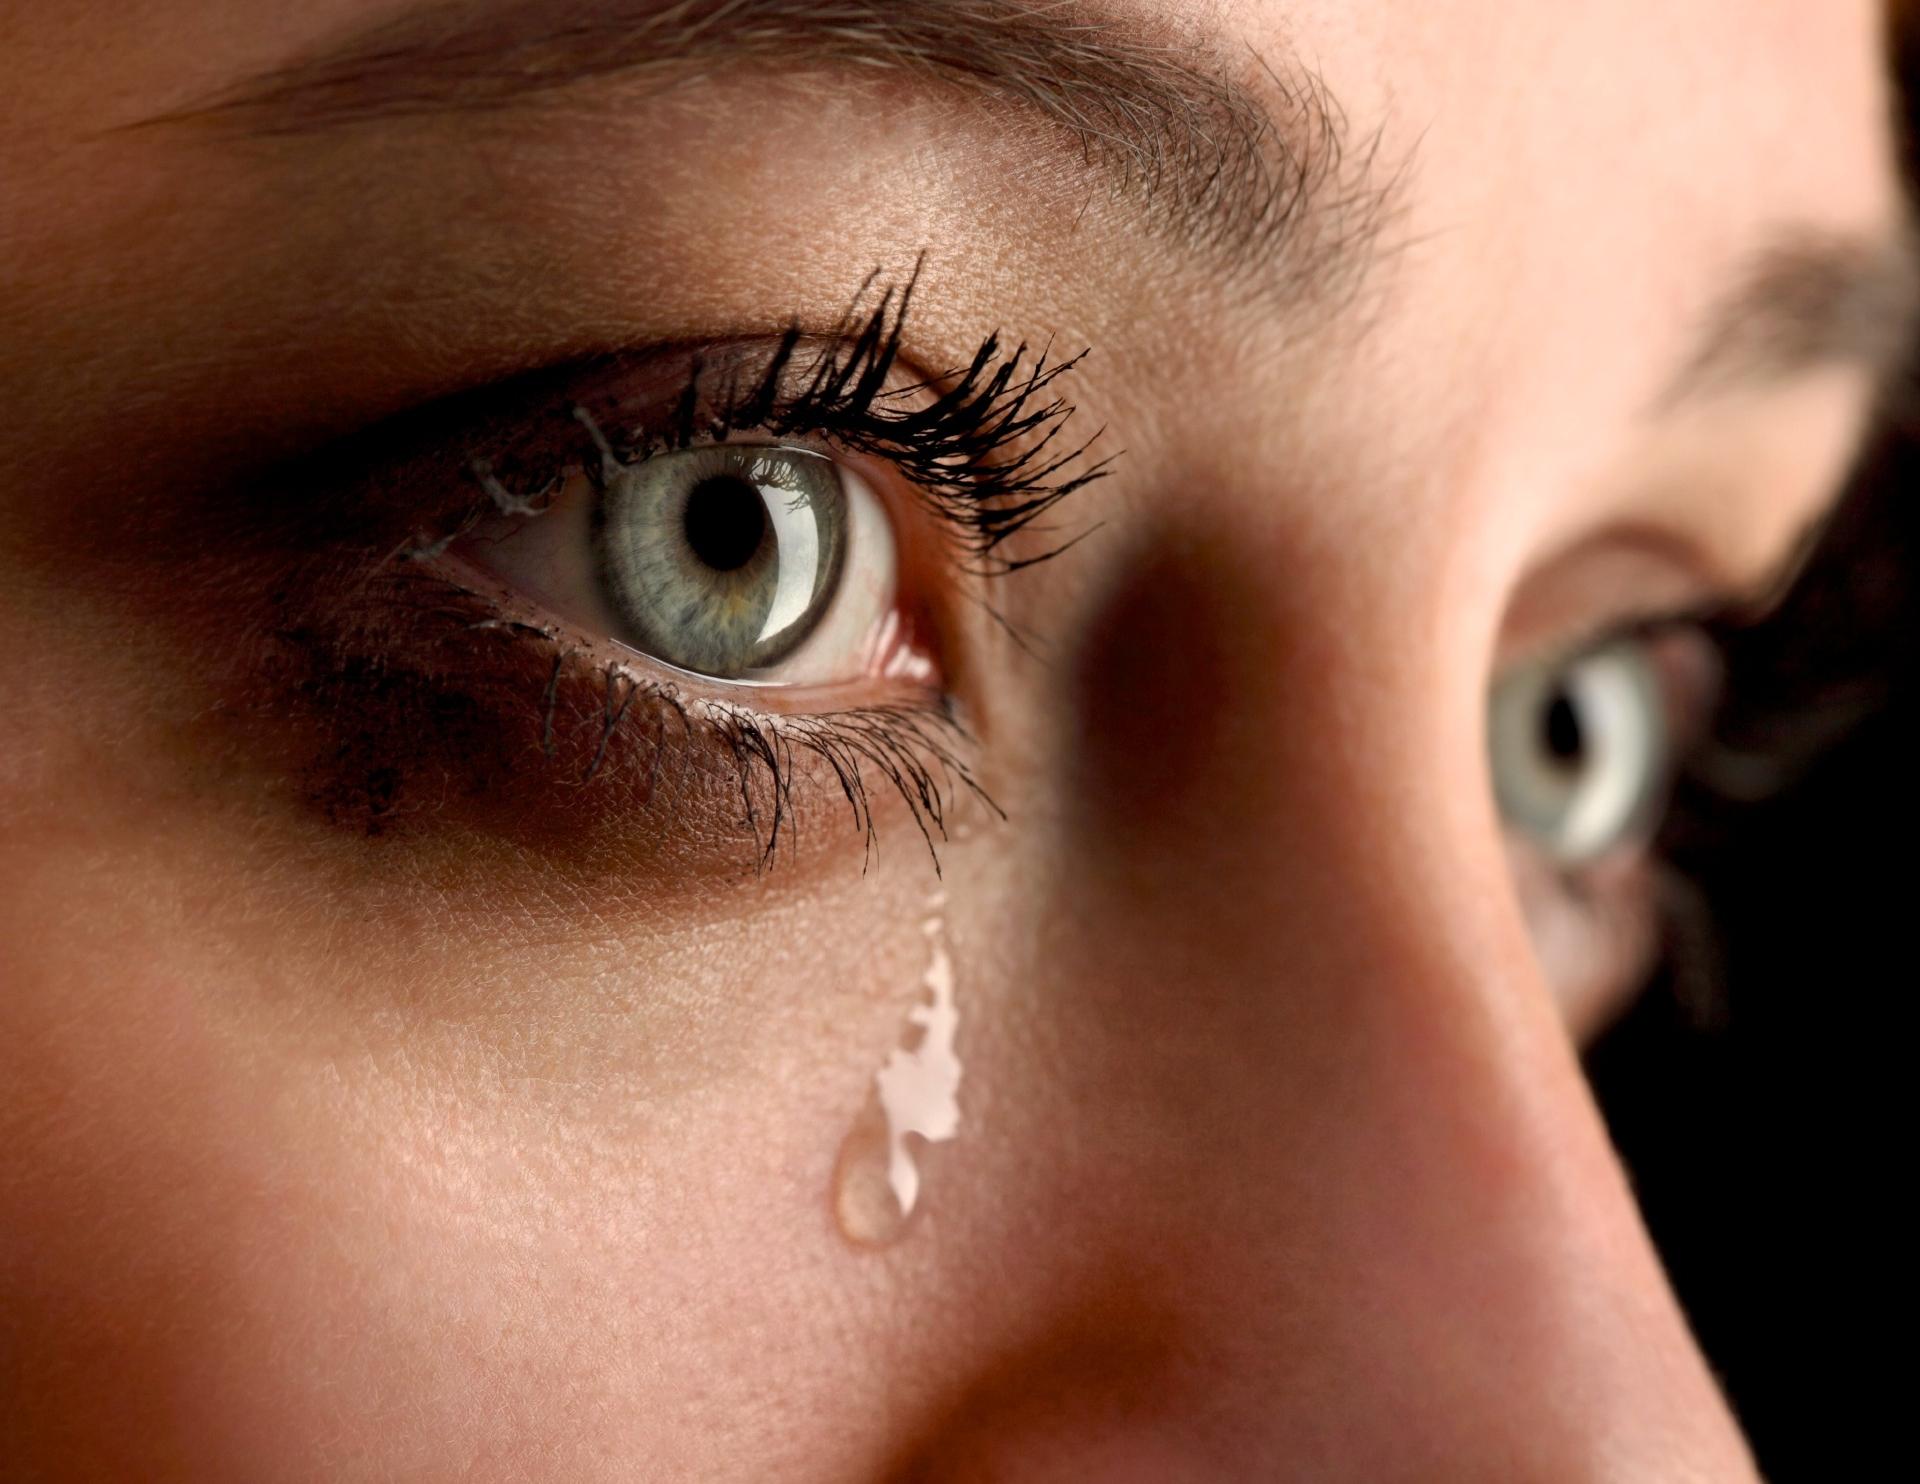 Chirurgia delle vie lacrimali